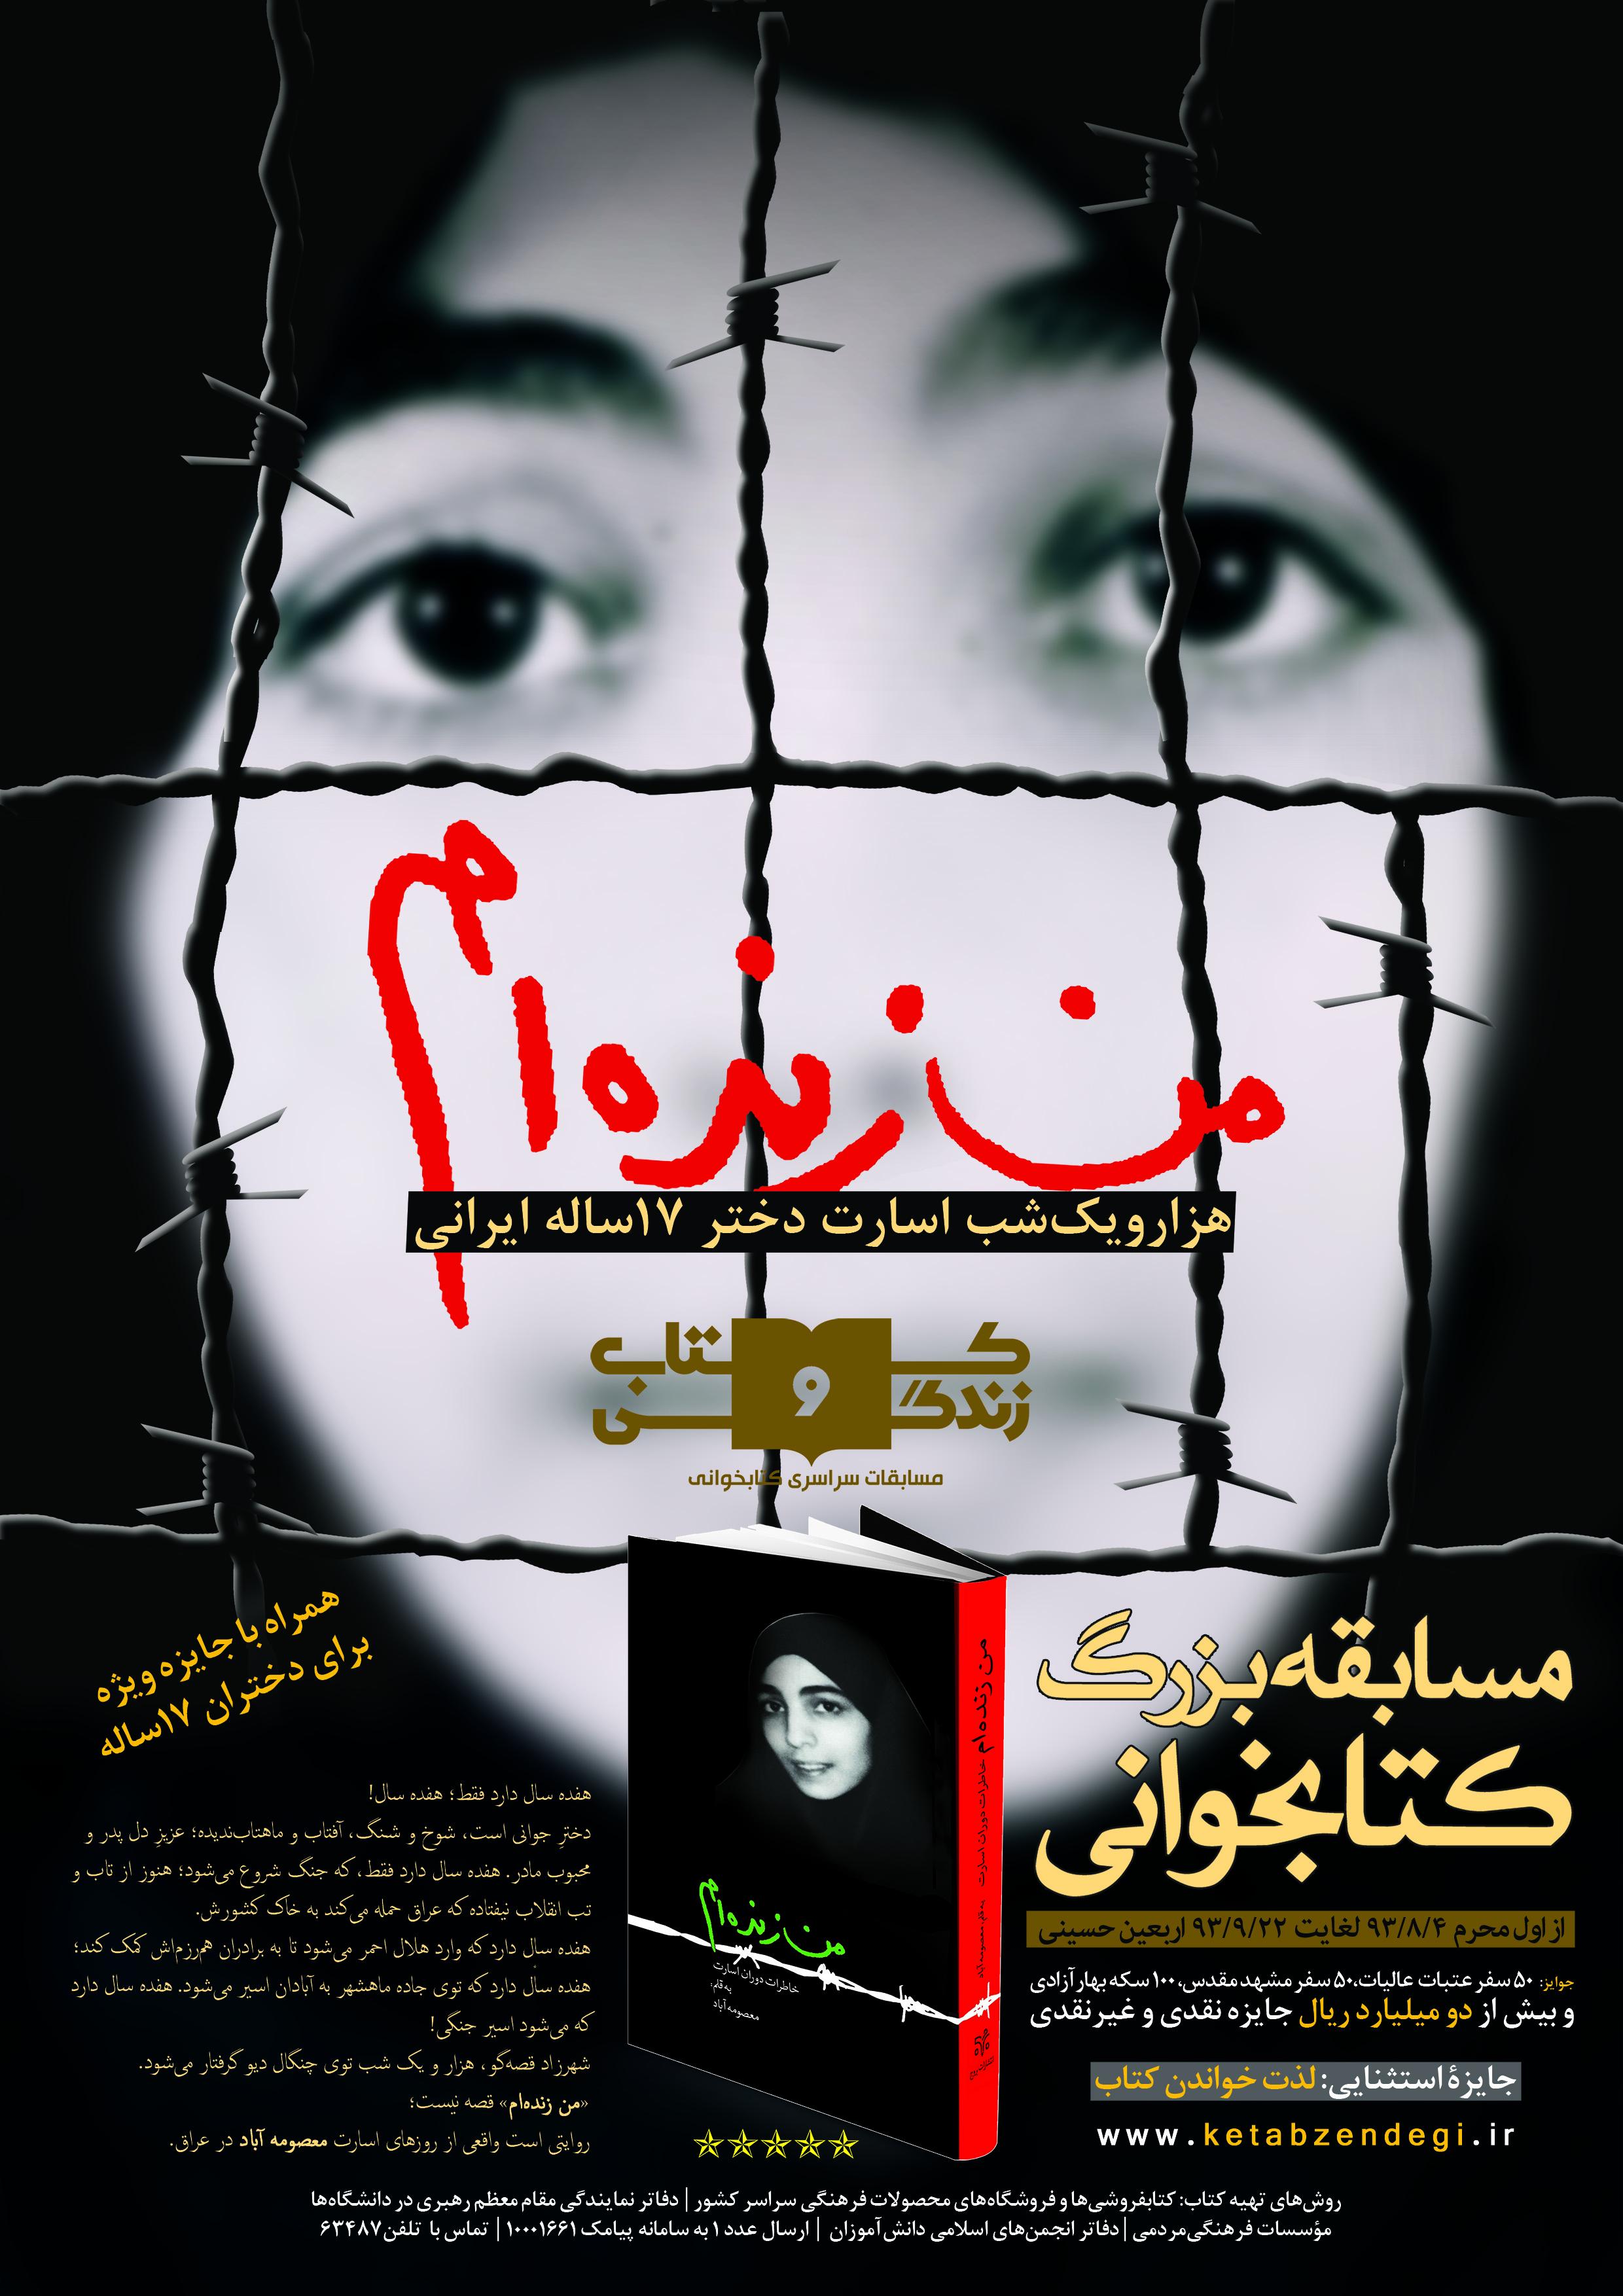 """تقدیر از 34 برگزیده مسابقه کشوری کتاب"""" من زنده ام"""" در نجف آباد"""